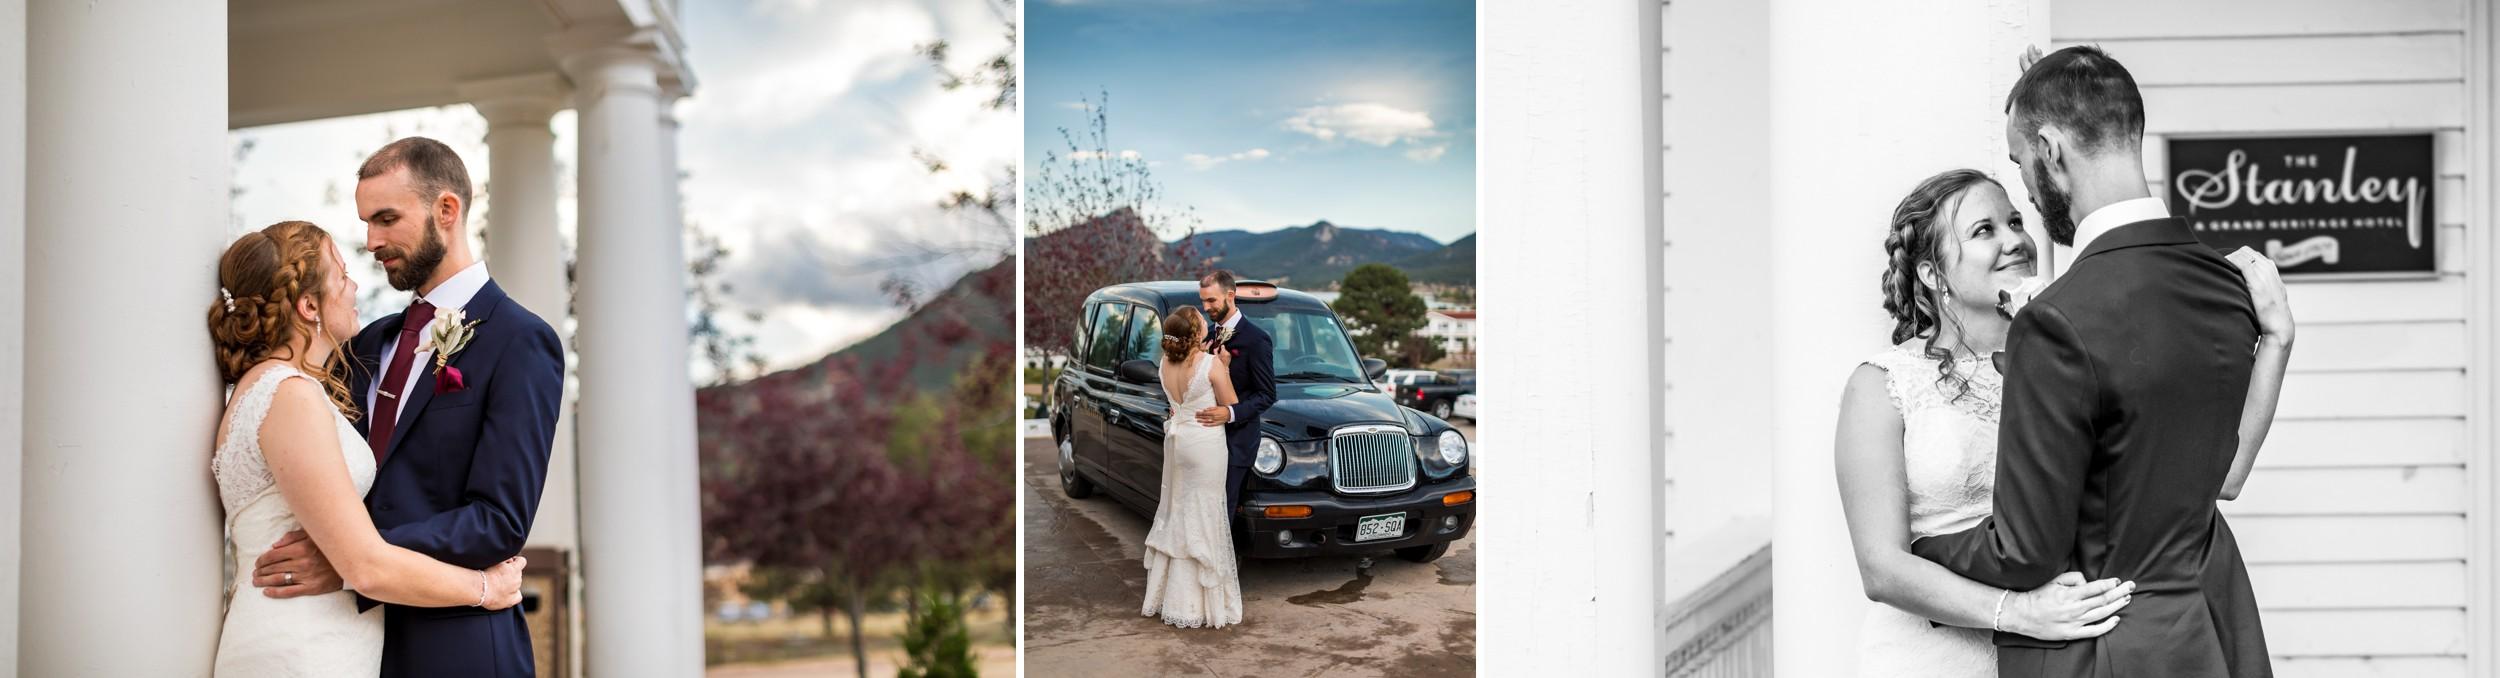 Stanley_Hotel_Estes_Park_Colorado_Wedding_Kristopher_Lindsay_ 18.jpg